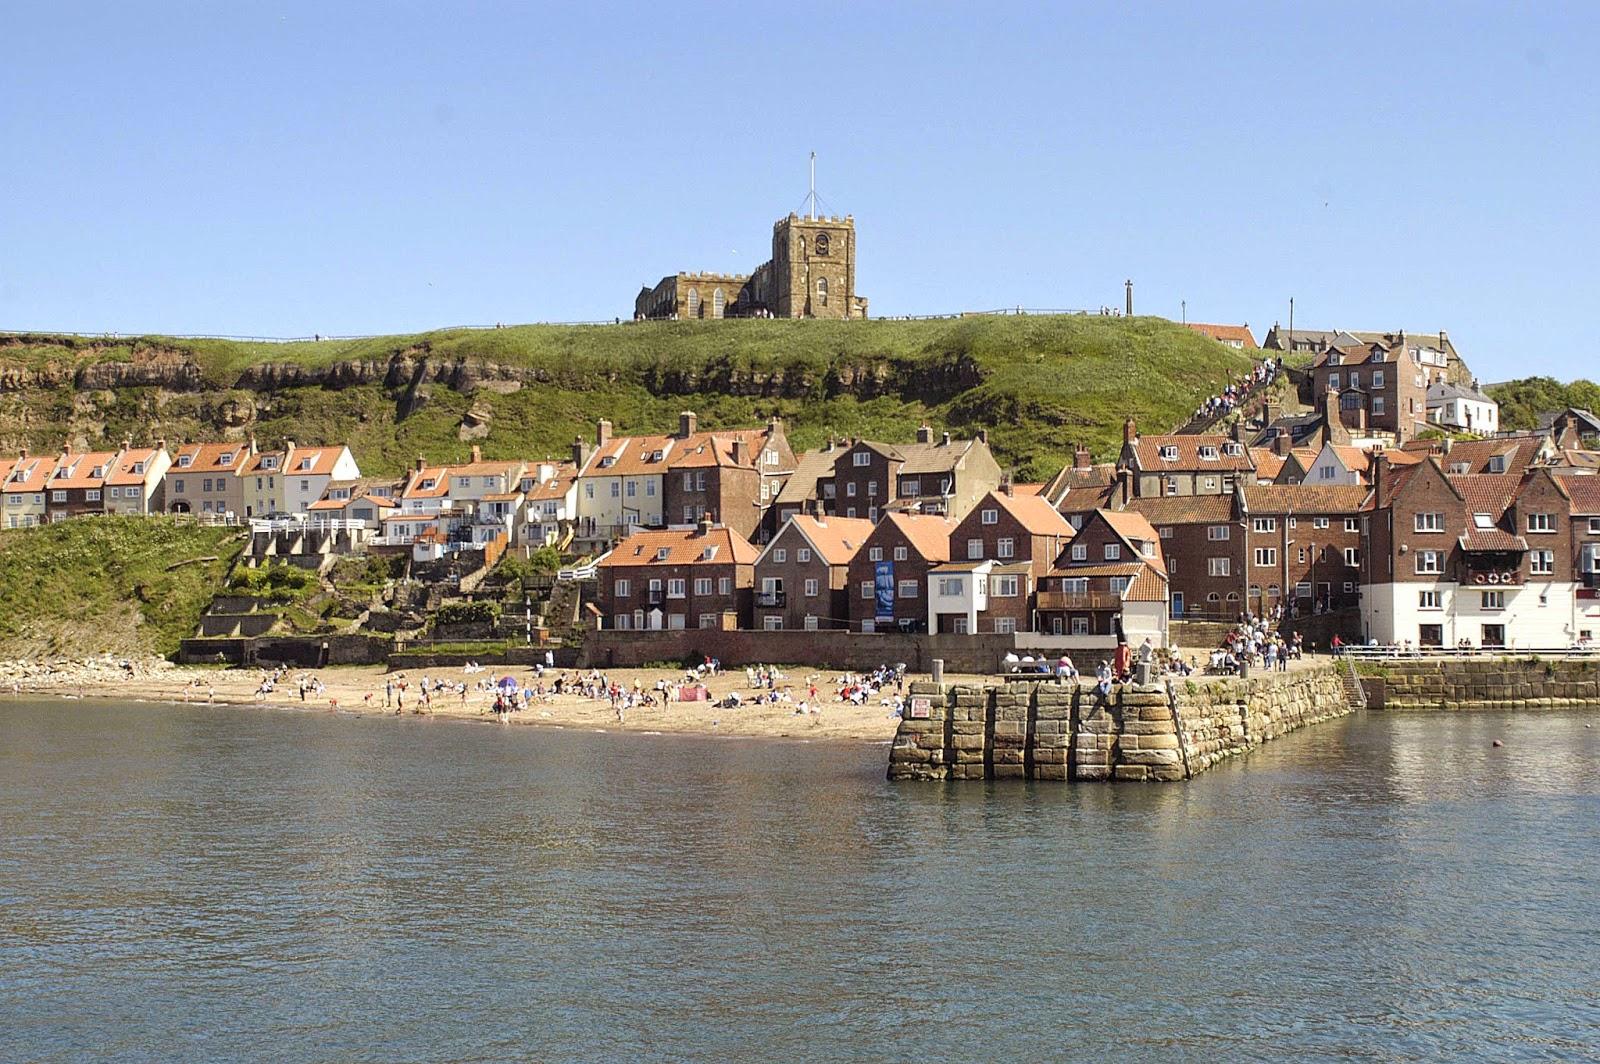 La ville de Whitby, dans le Yorkshire (Royaume-Uni) est tristement filmée dans Une Belle Fin